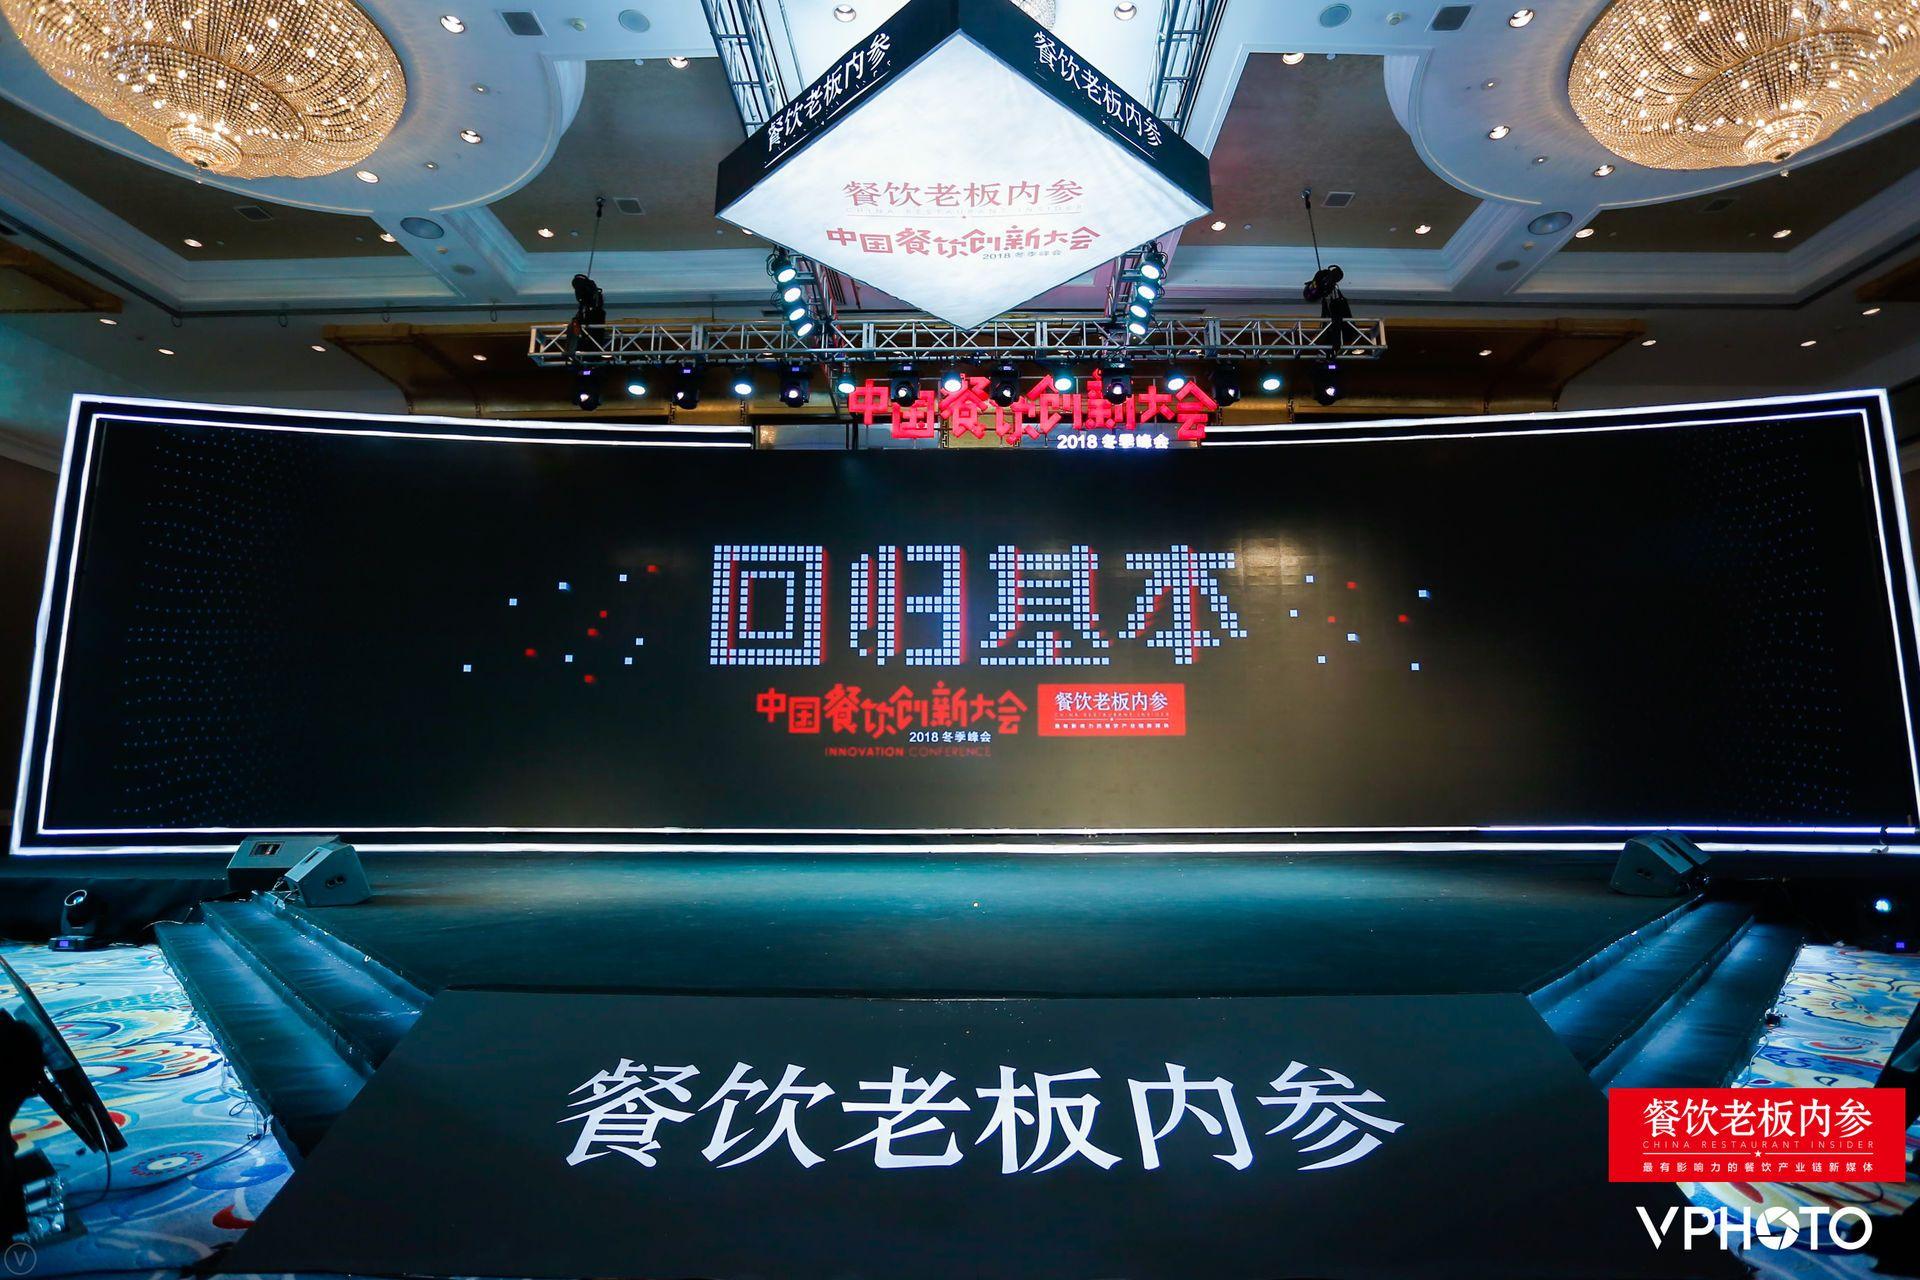 餐道王曦:开发数据石油,运用大数据导航新餐饮